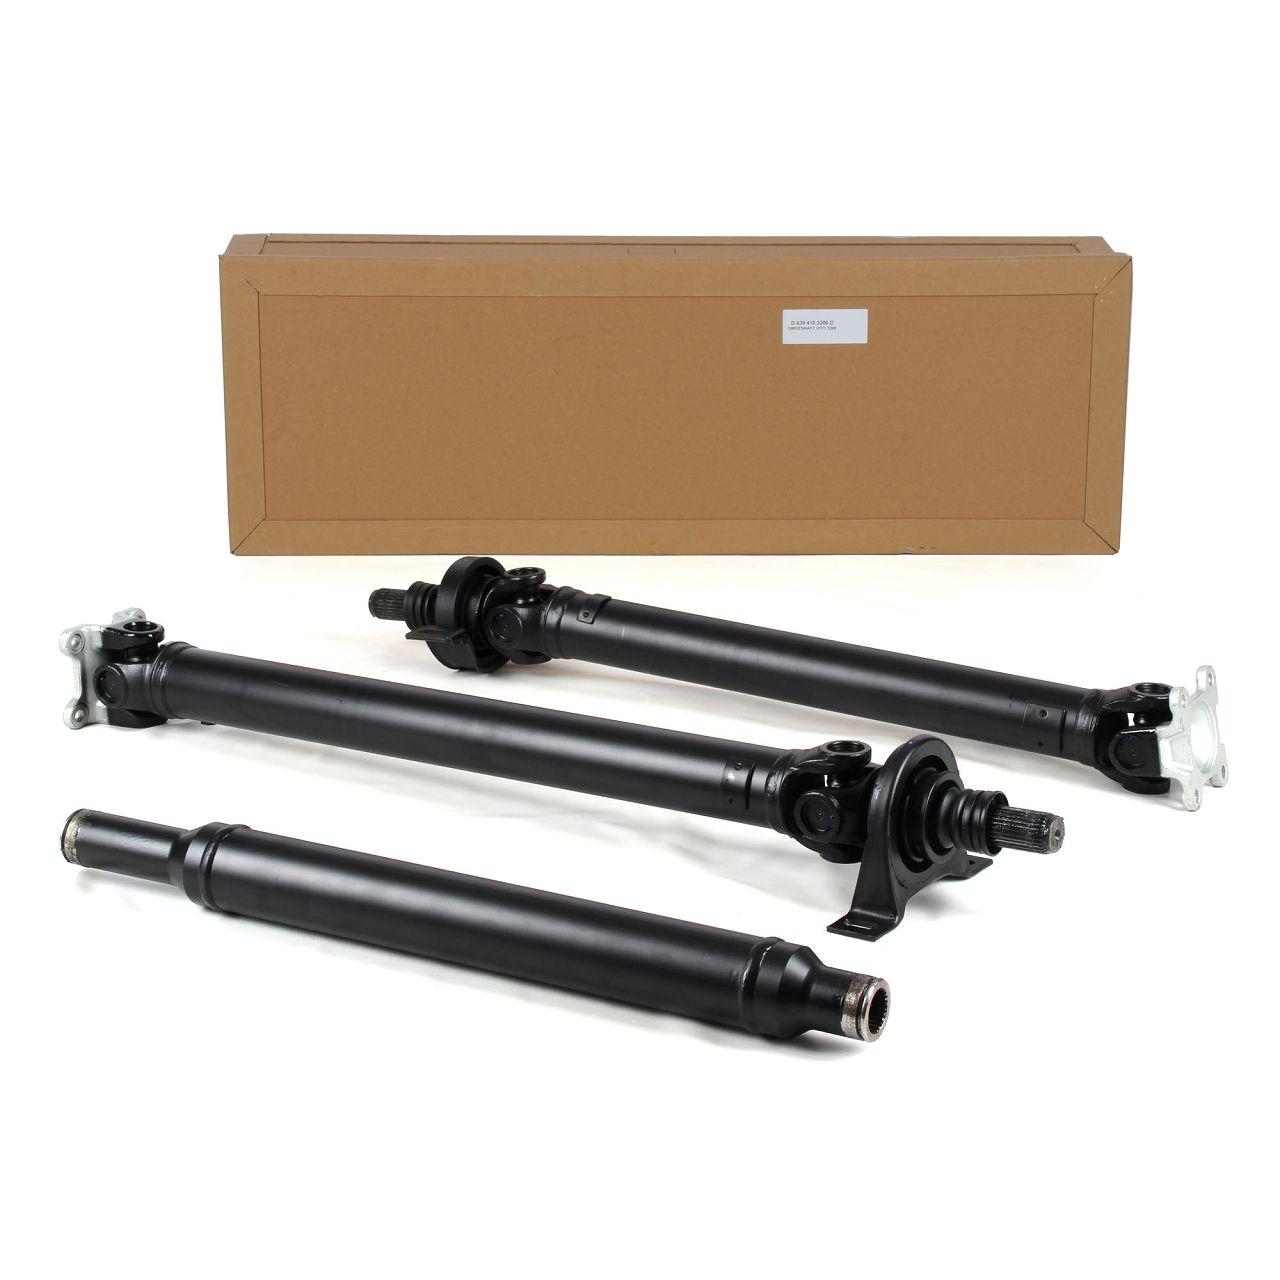 Gelenkwelle Antriebswelle für MERCEDES SPRINTER 906 VIANO VITO W639 6394103206